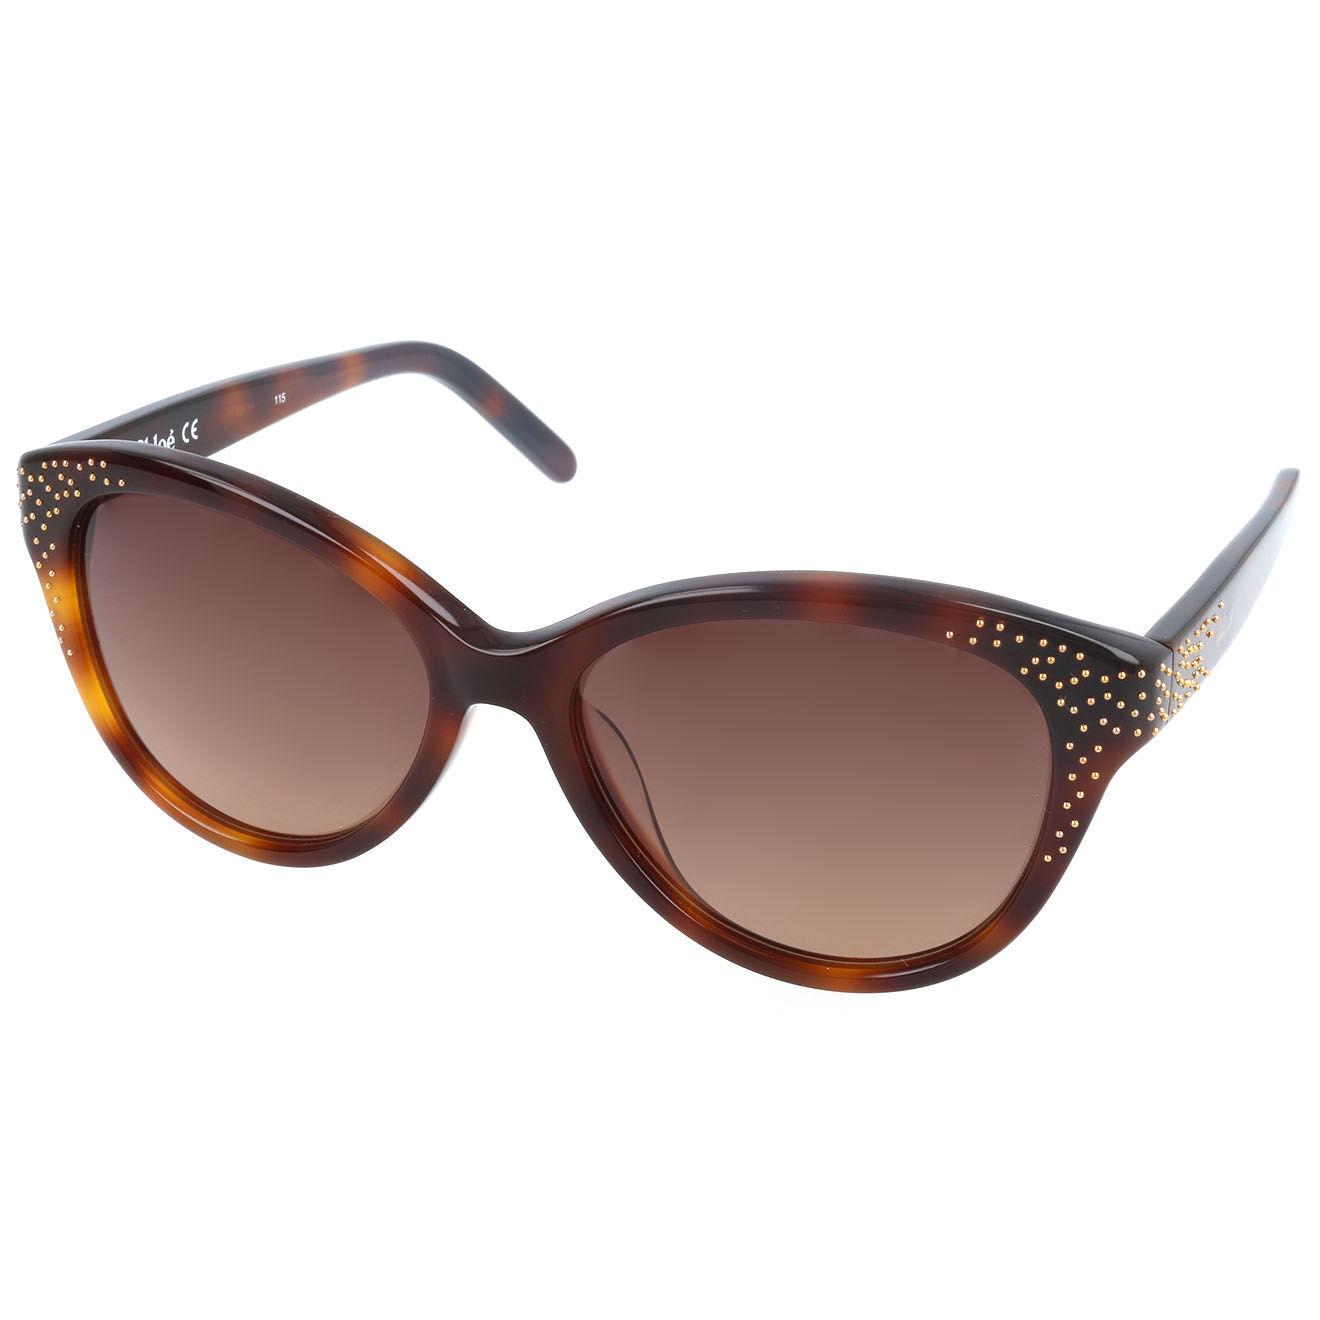 Chloé-femme-lunettes de soleil enfant...